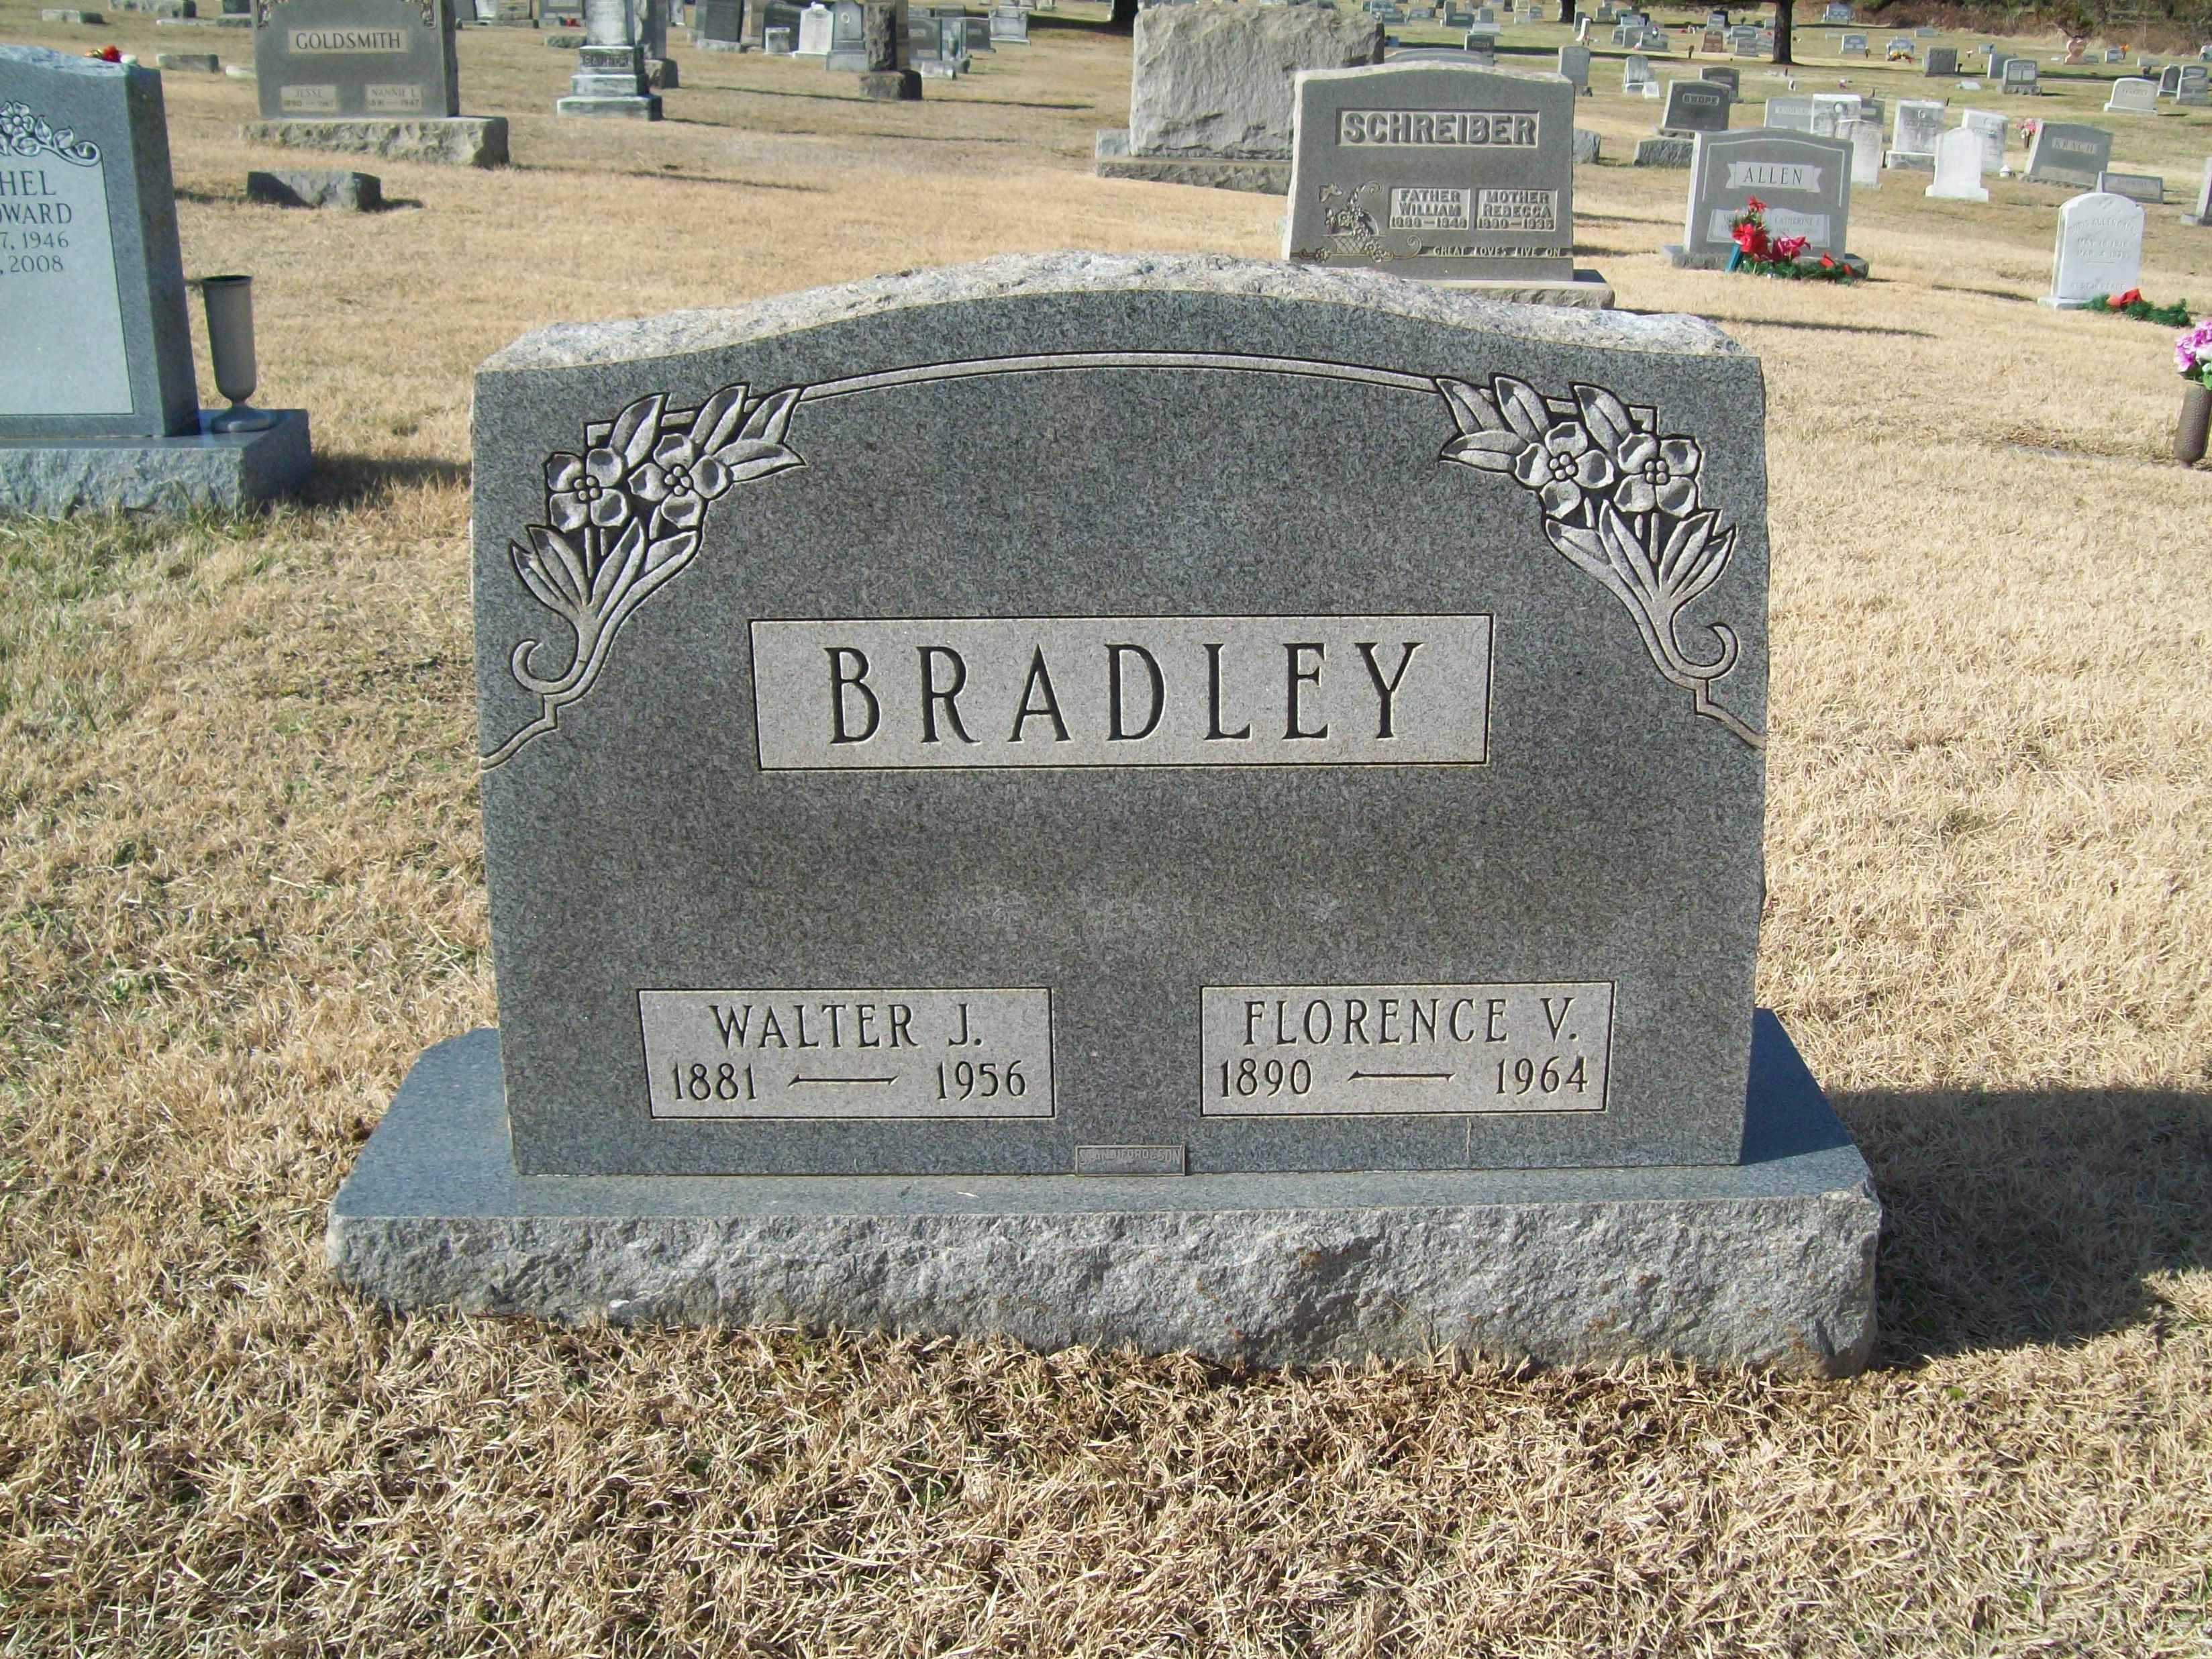 Florence V. Bradley